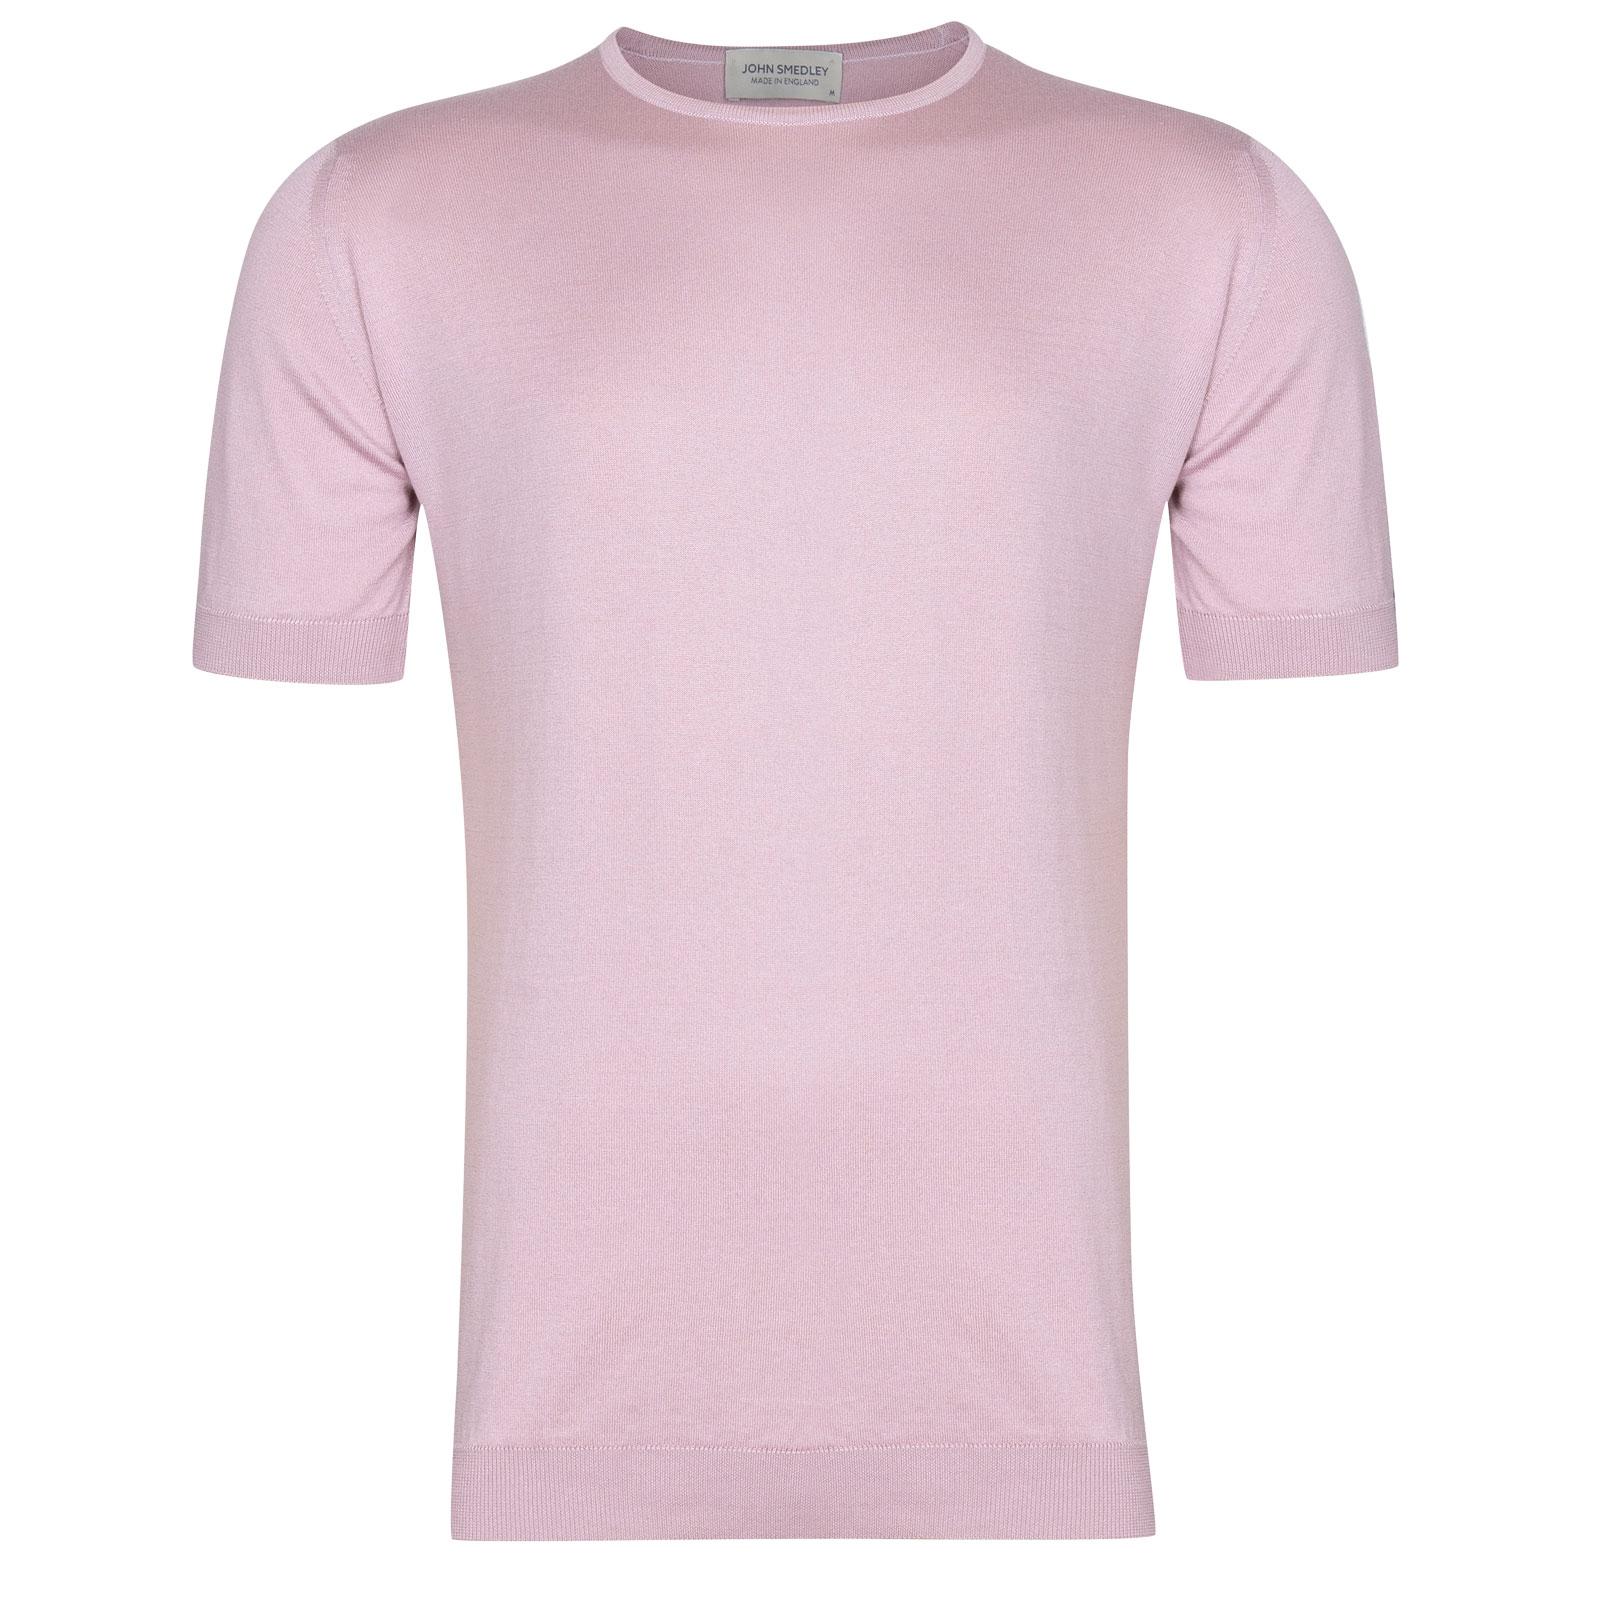 John Smedley Belden in Pink Blossom T-Shirt-XXL